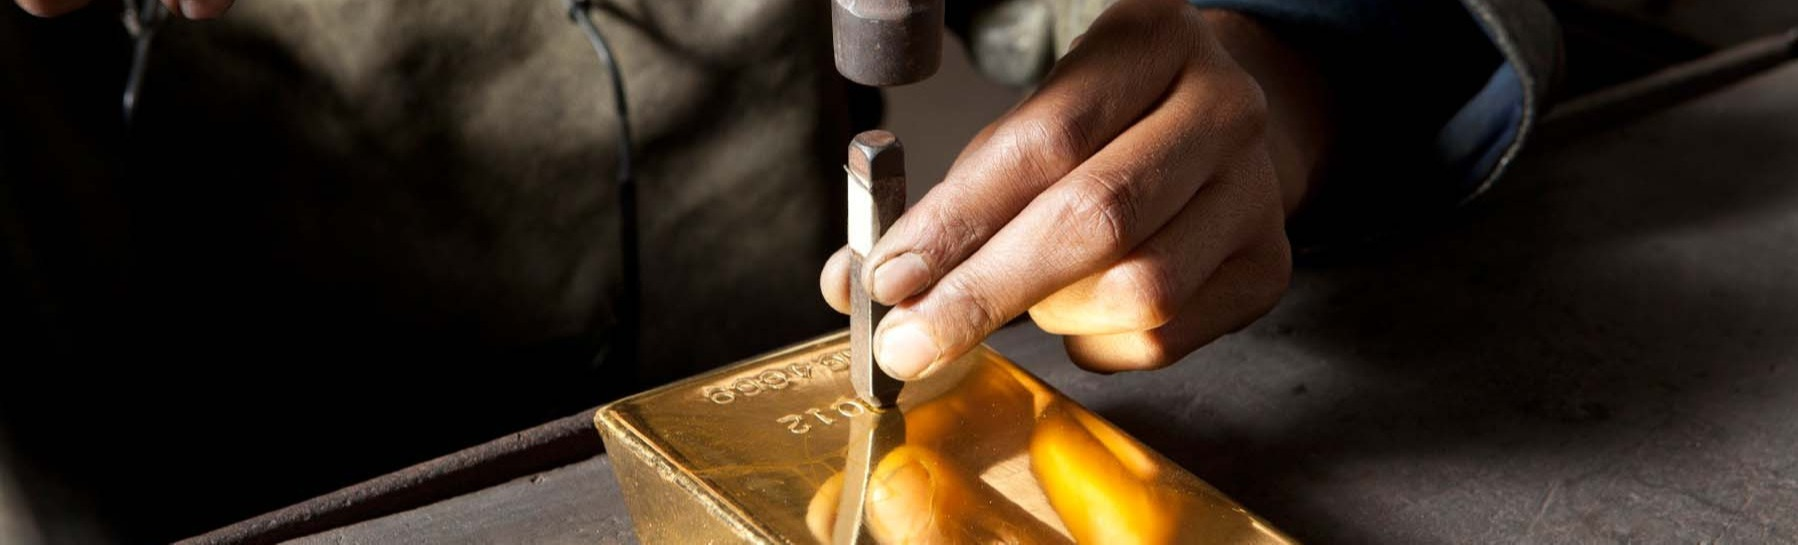 Engenheira ou Engenheiro Metalúrgico JR